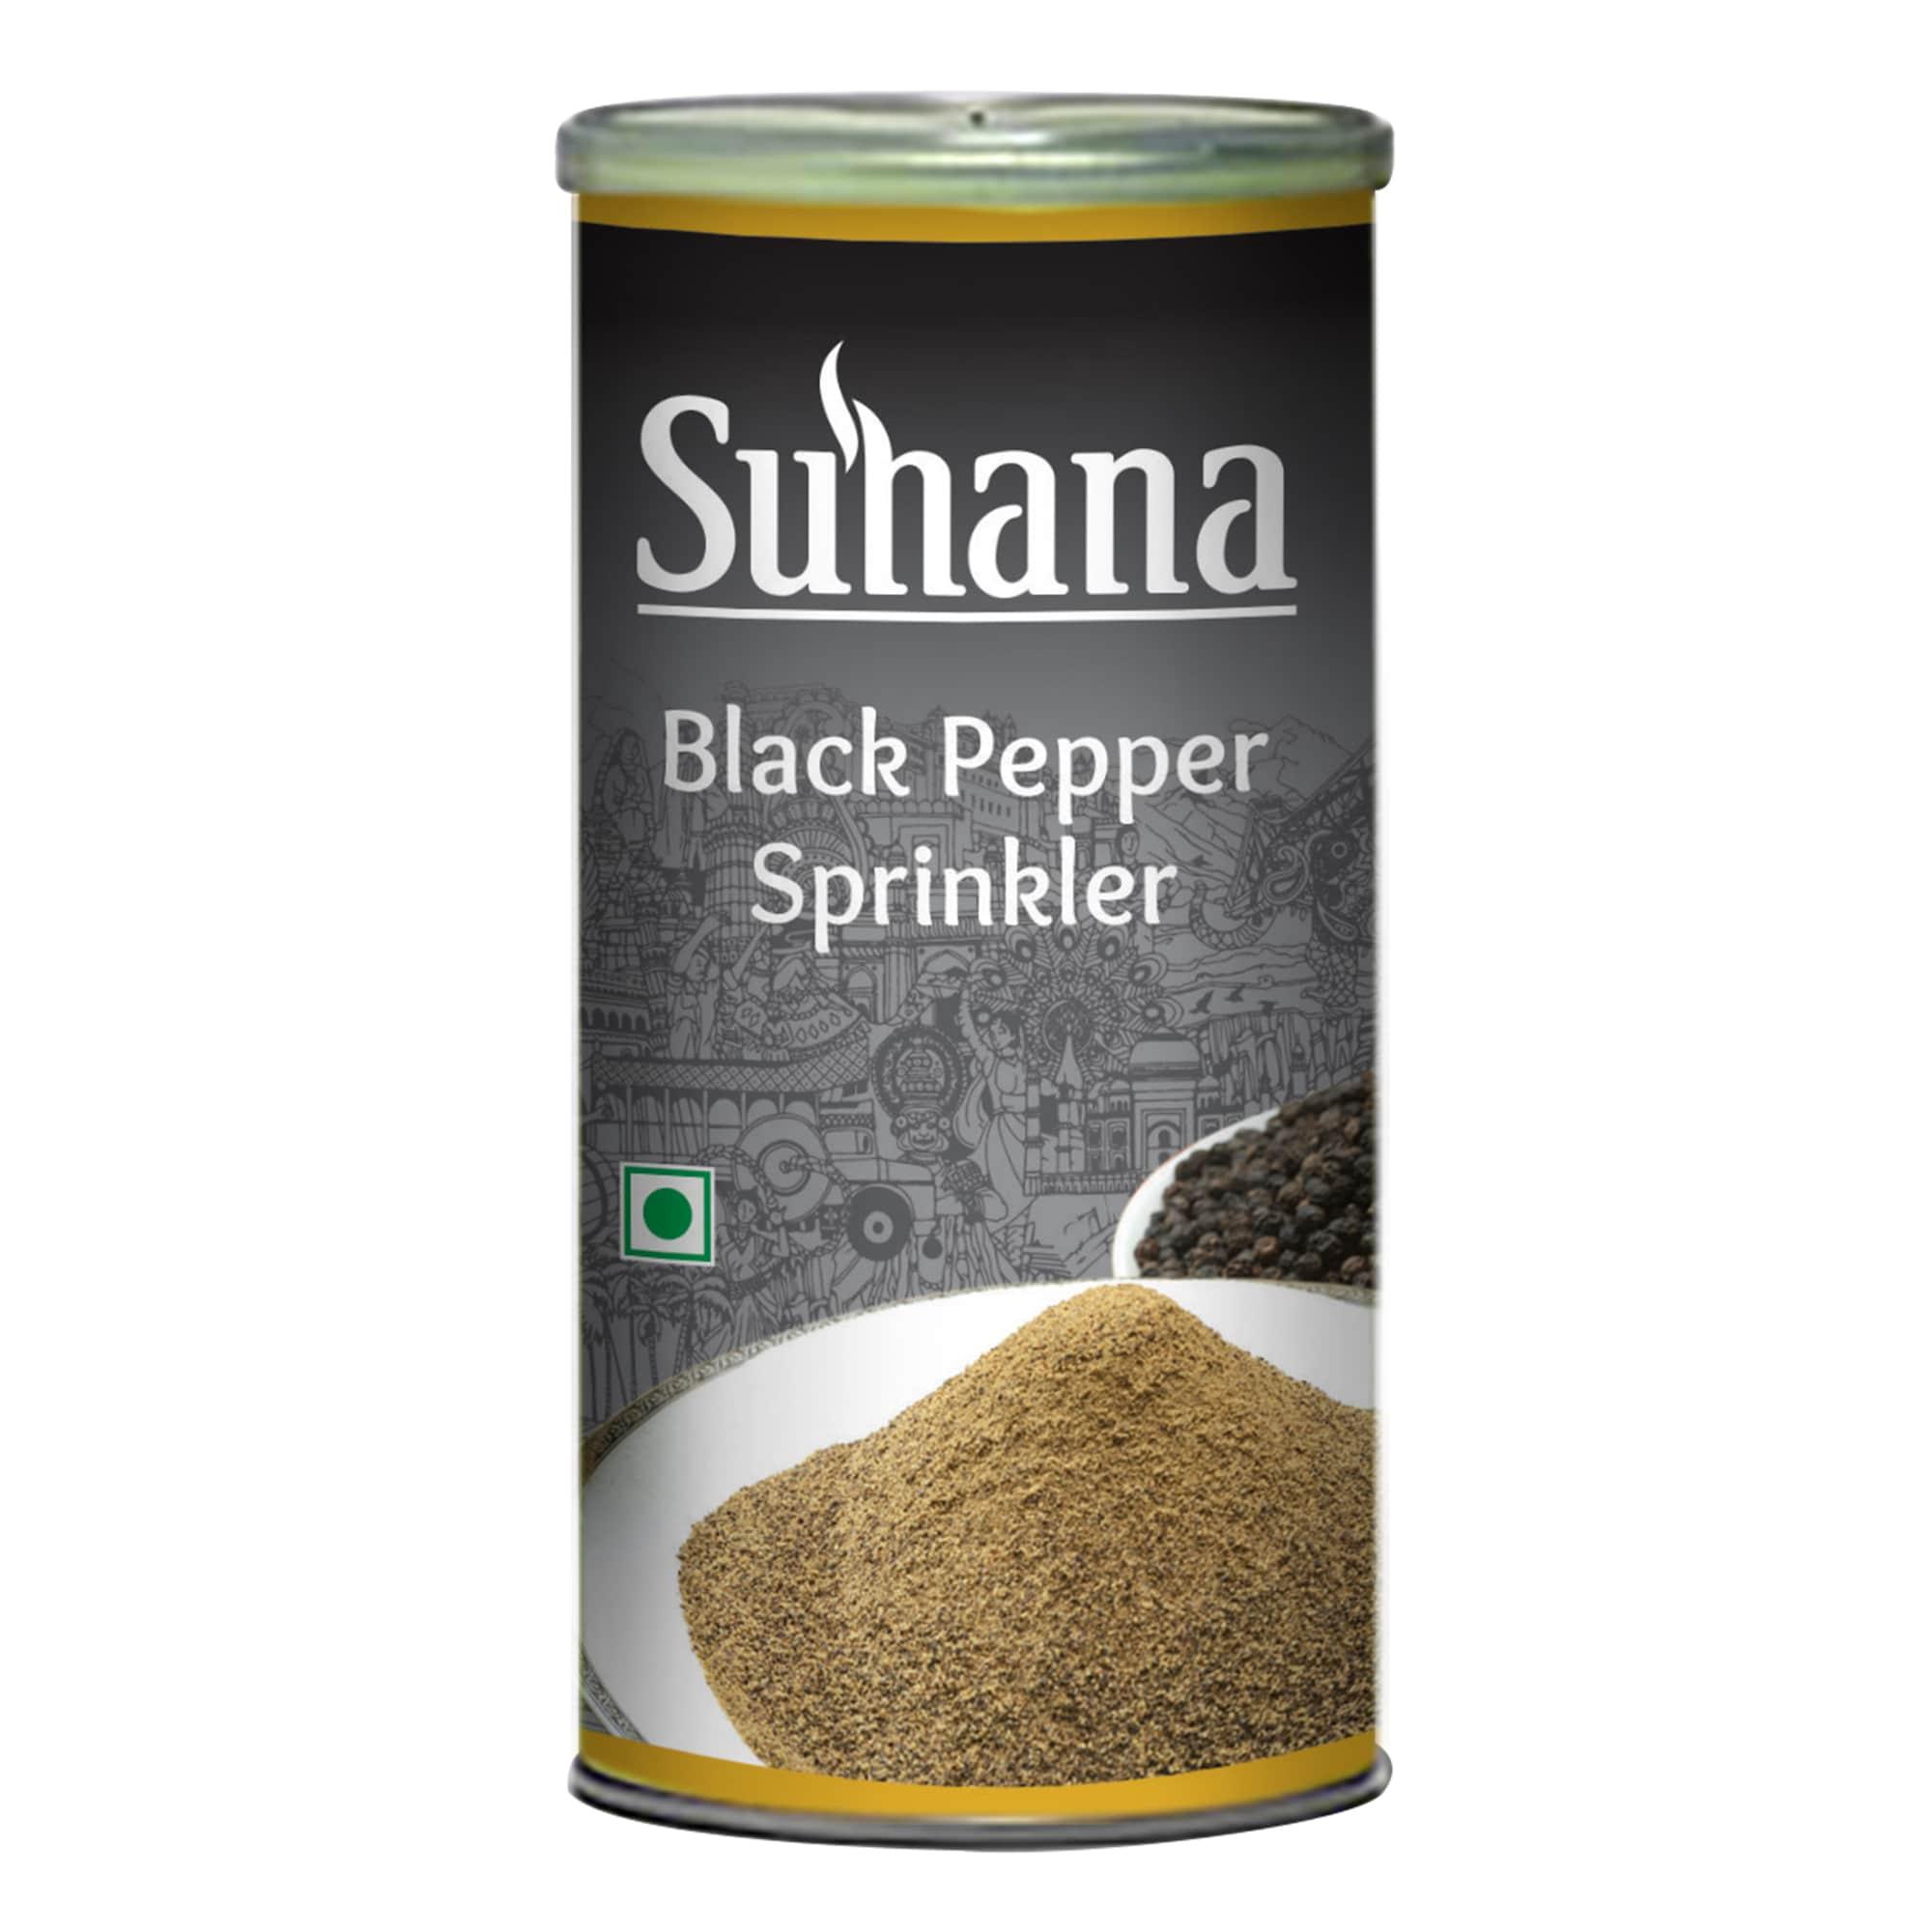 Suhana Black Pepper Sprinkler